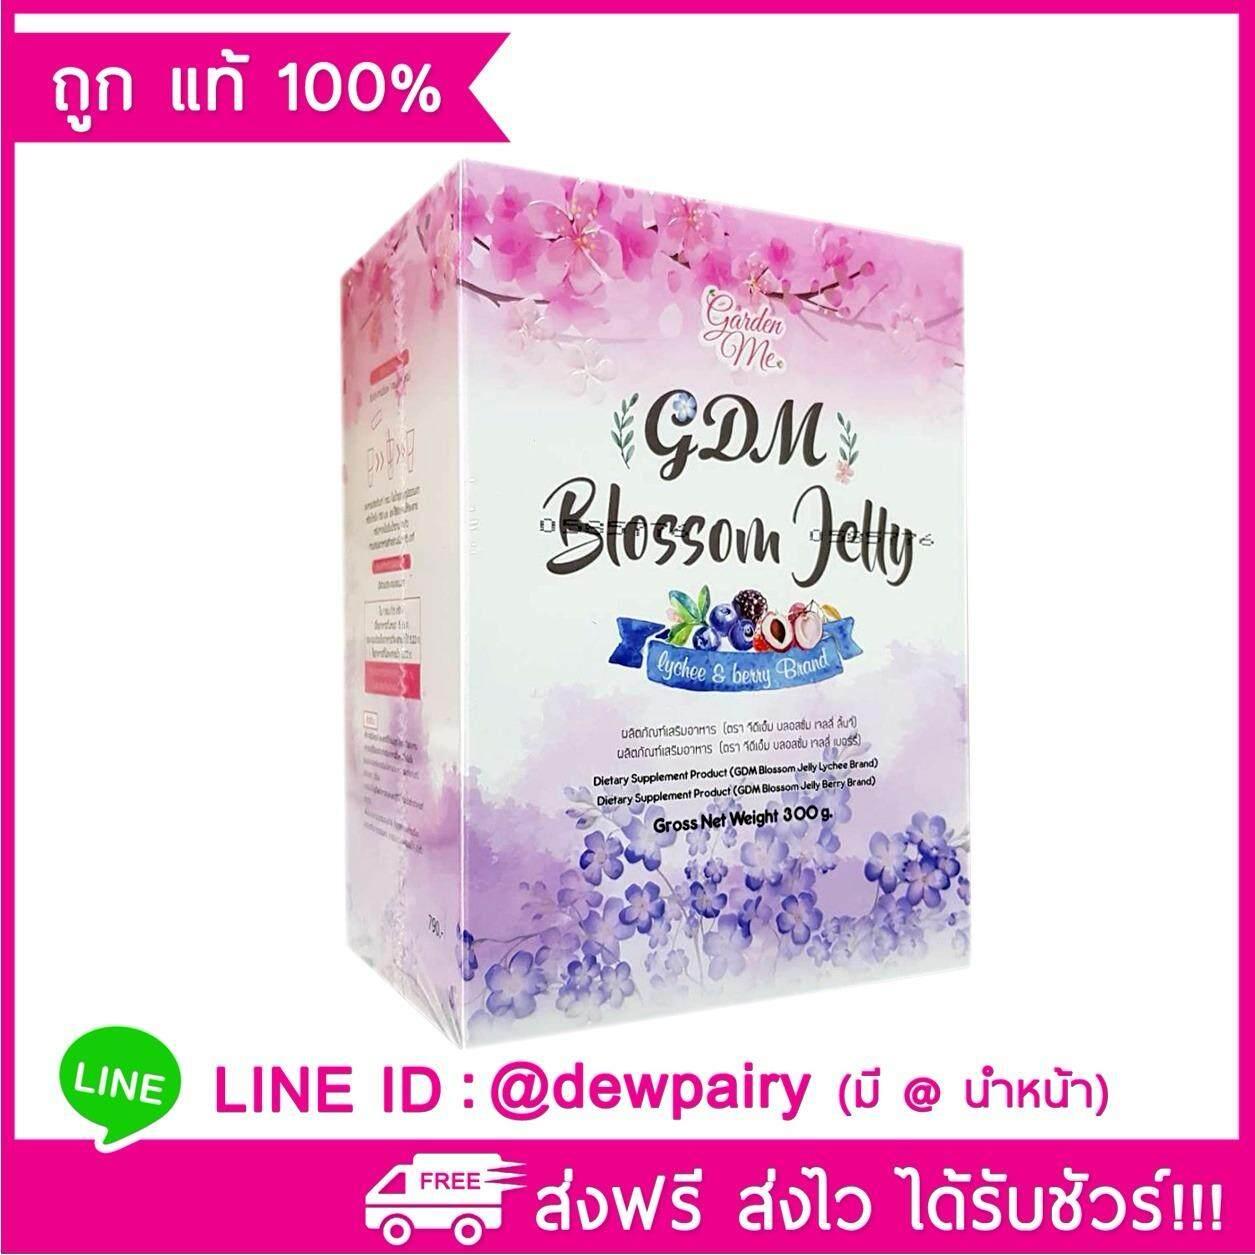 ซื้อ Garden Me Blossom Jelly การ์เด้น มี บอสซั่ม เจลลี่ บรรจุ 20 ซอง 1 กล่อง ของแท้ 100 ส่งไว ใน กรุงเทพมหานคร